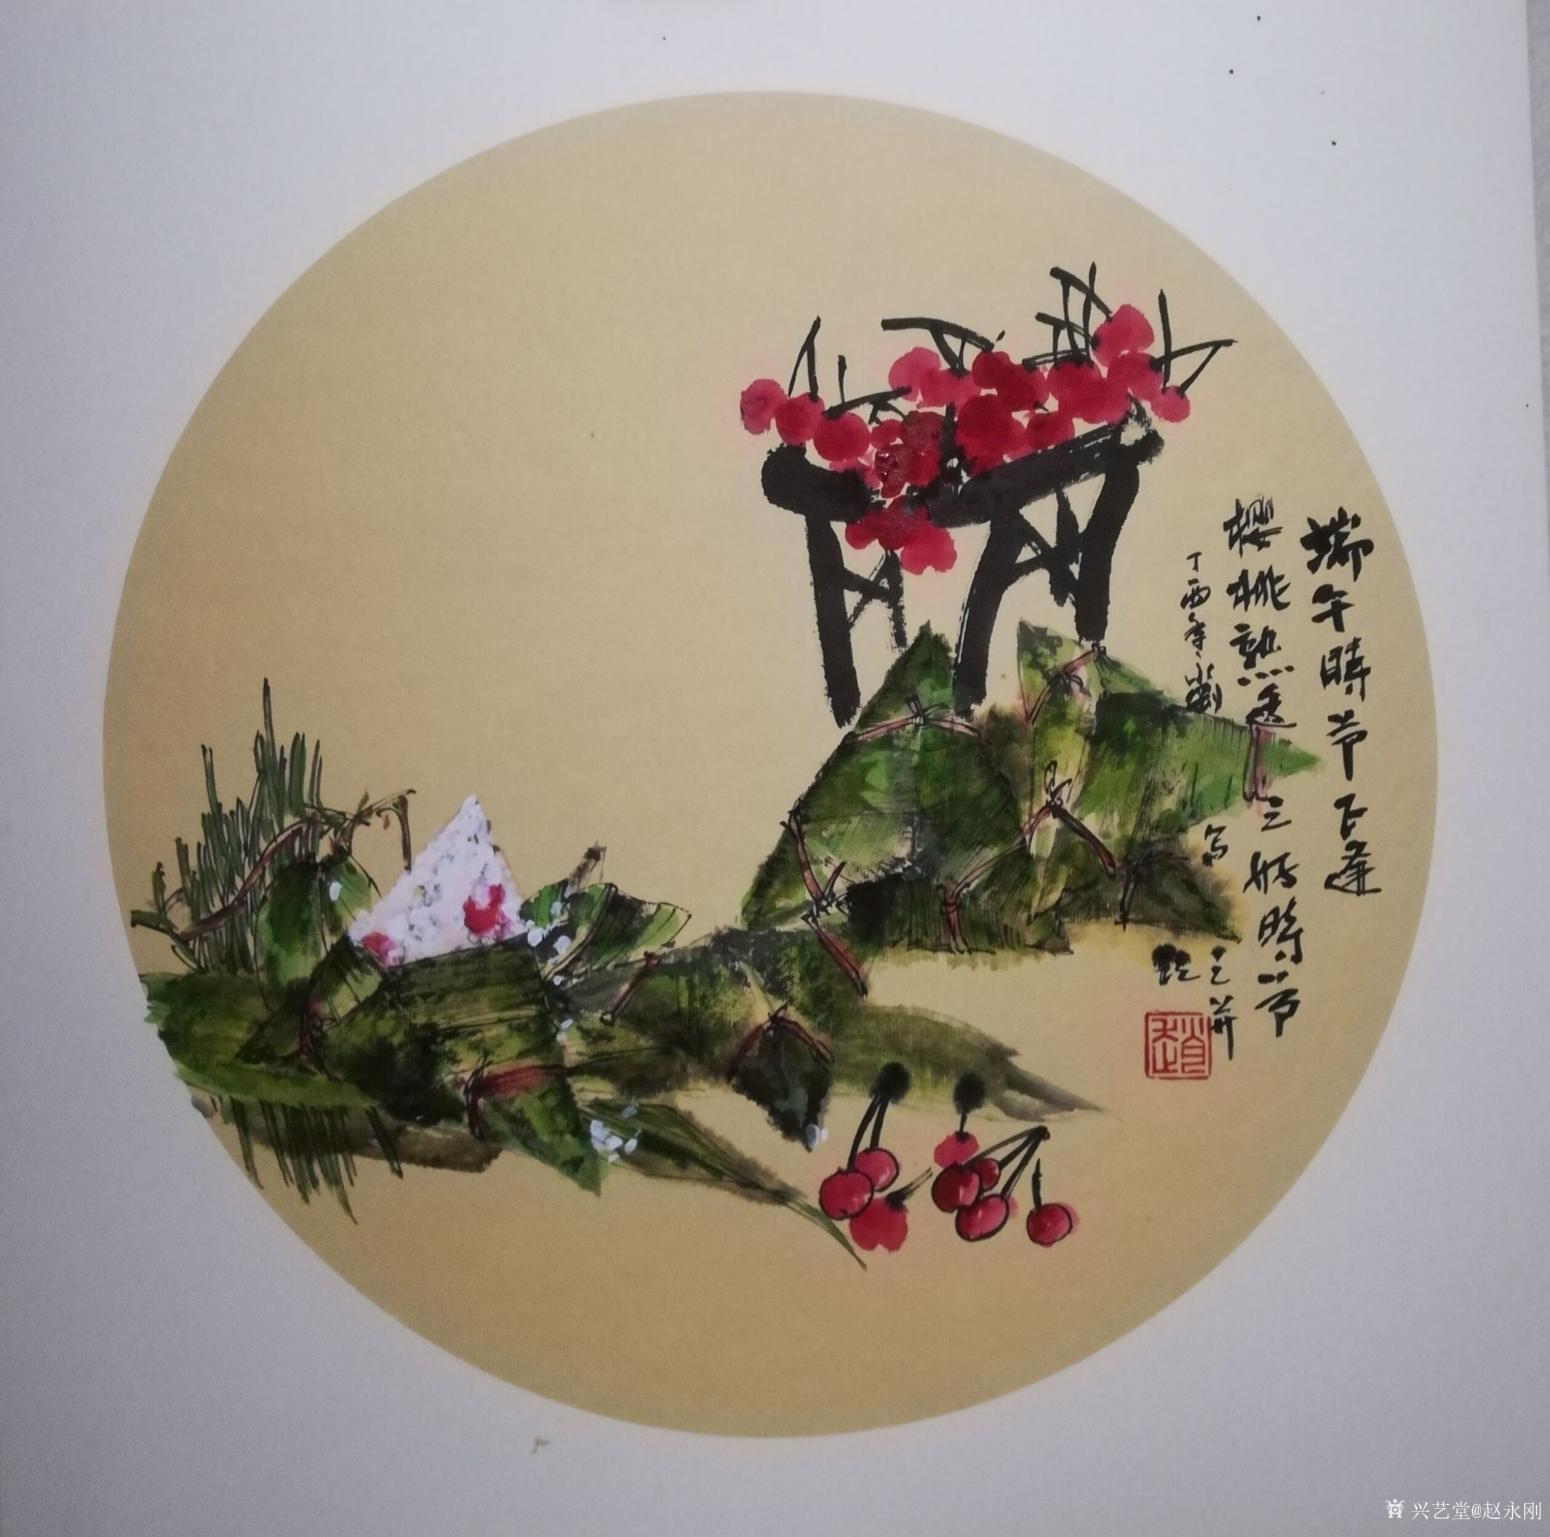 赵永刚国画作品《端午时节》